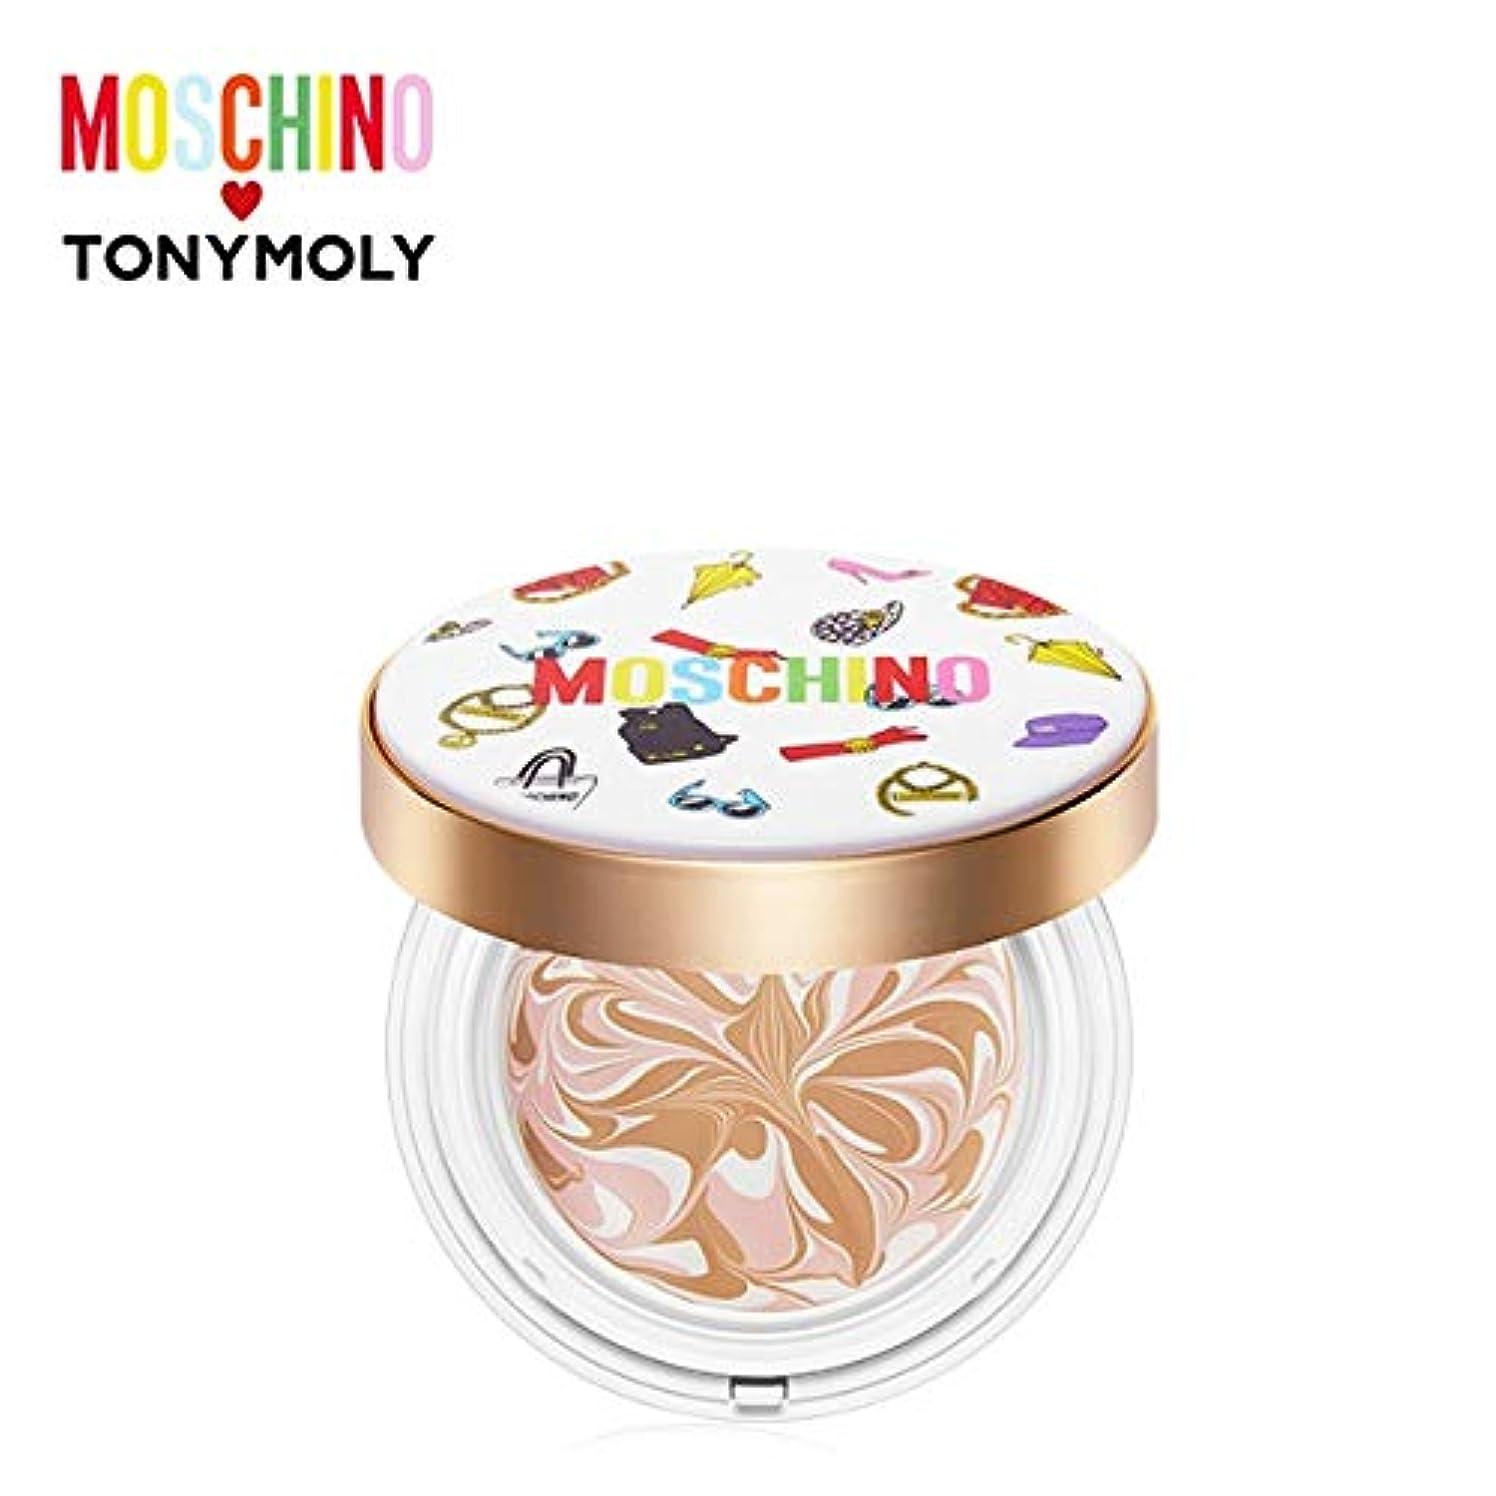 変化パシフィックフットボールトニーモリー [モスキーノ] シック スキン エッセンス パクト 18g TONYMOLY [MOSCHINO] Chic Skin Essence Pact #02 CHIC BEIGE [並行輸入品]